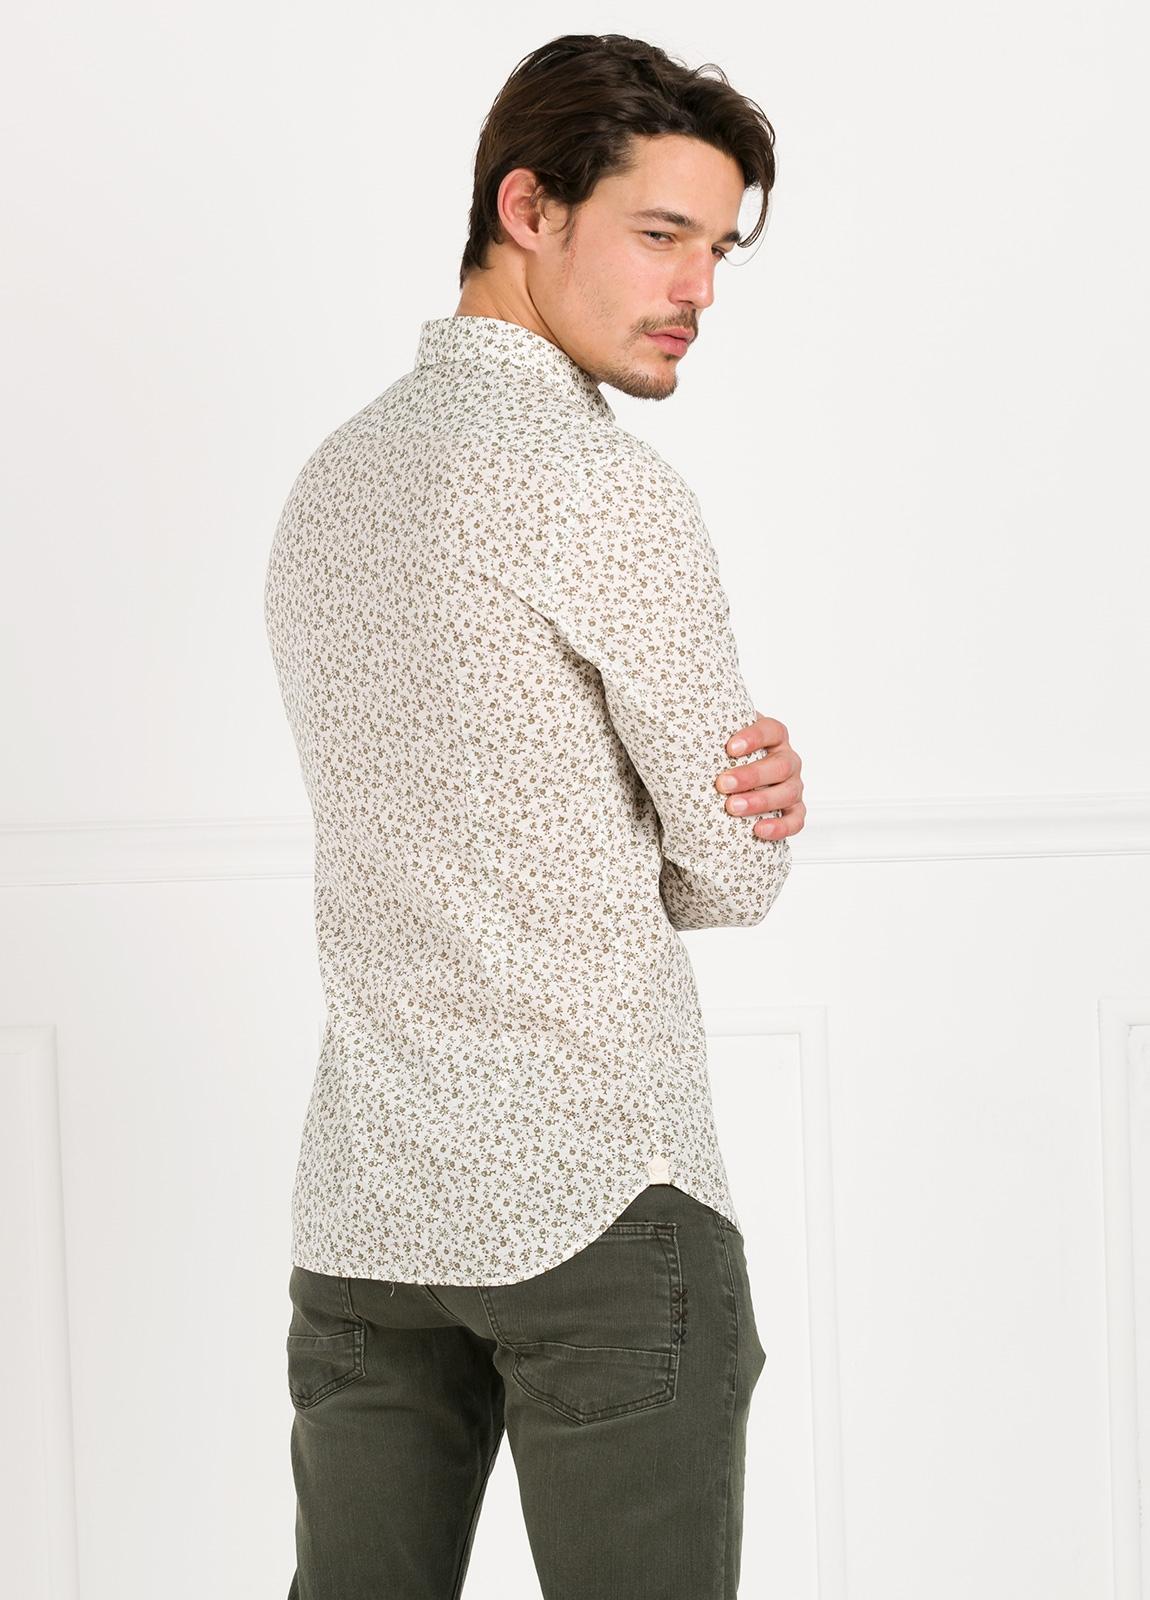 Camisa sport SLIM FIT con estampado floral color beige. 100% Algodón. - Ítem3